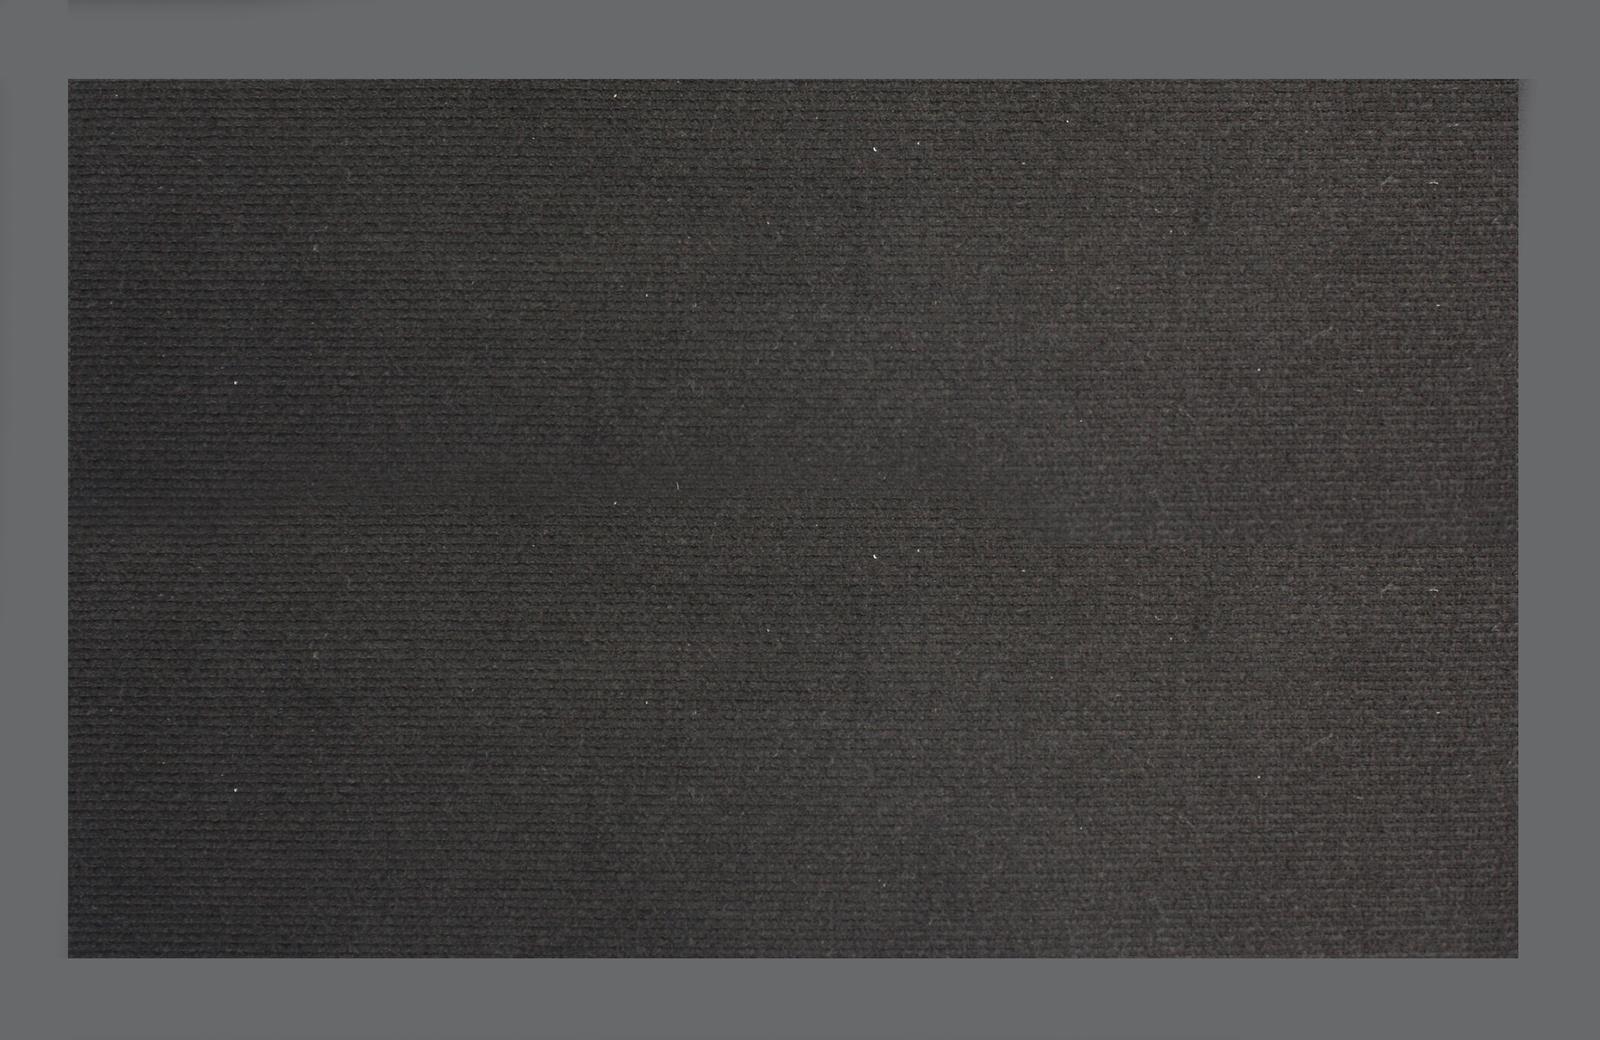 Коврик придверный Велий Венера, цвет: черный, 90х150 см защитный коврик велий хеопс 22 зеленый